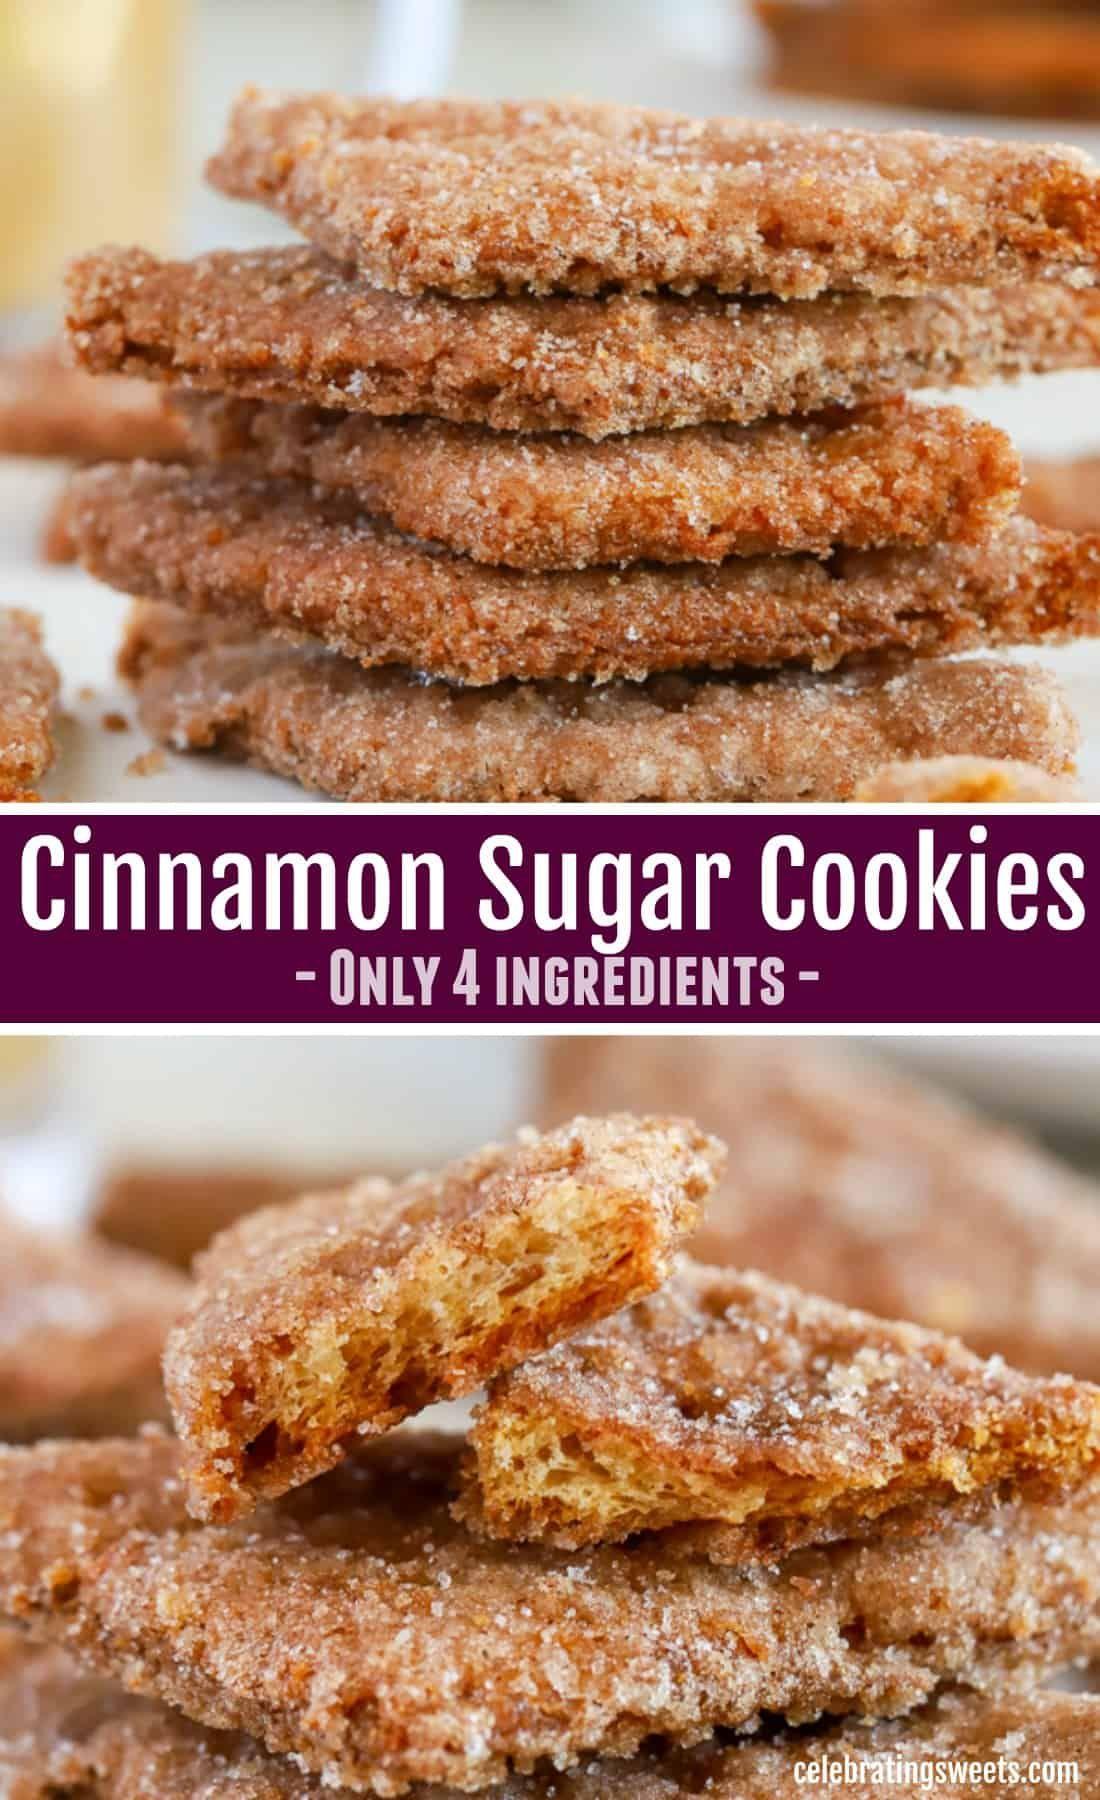 Cinnamon Sugar Cookies - Celebrating Sweets